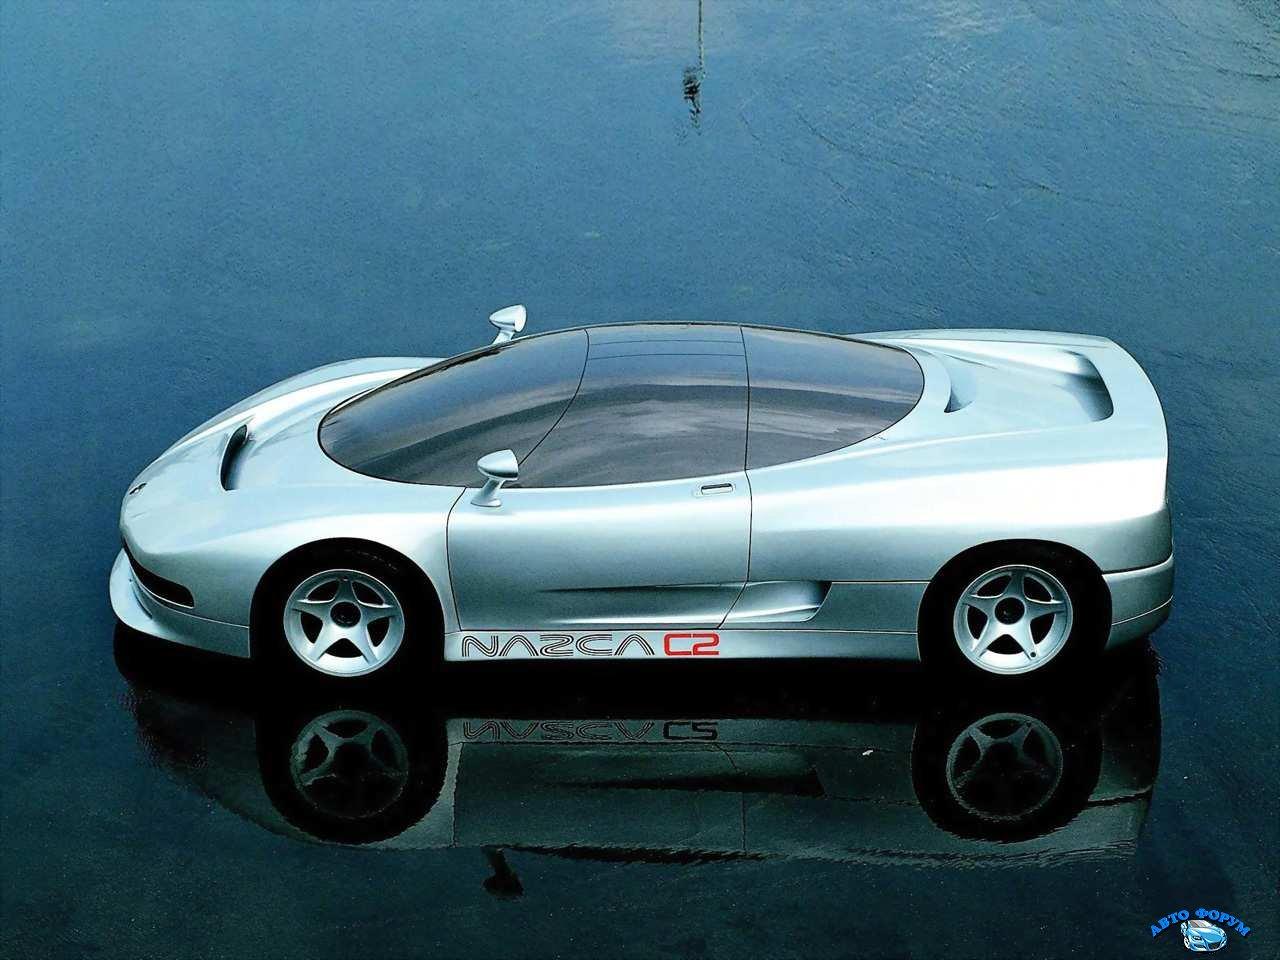 1993 Italdesign Nazca C2 spider powered by BMW V12_83620.jpg